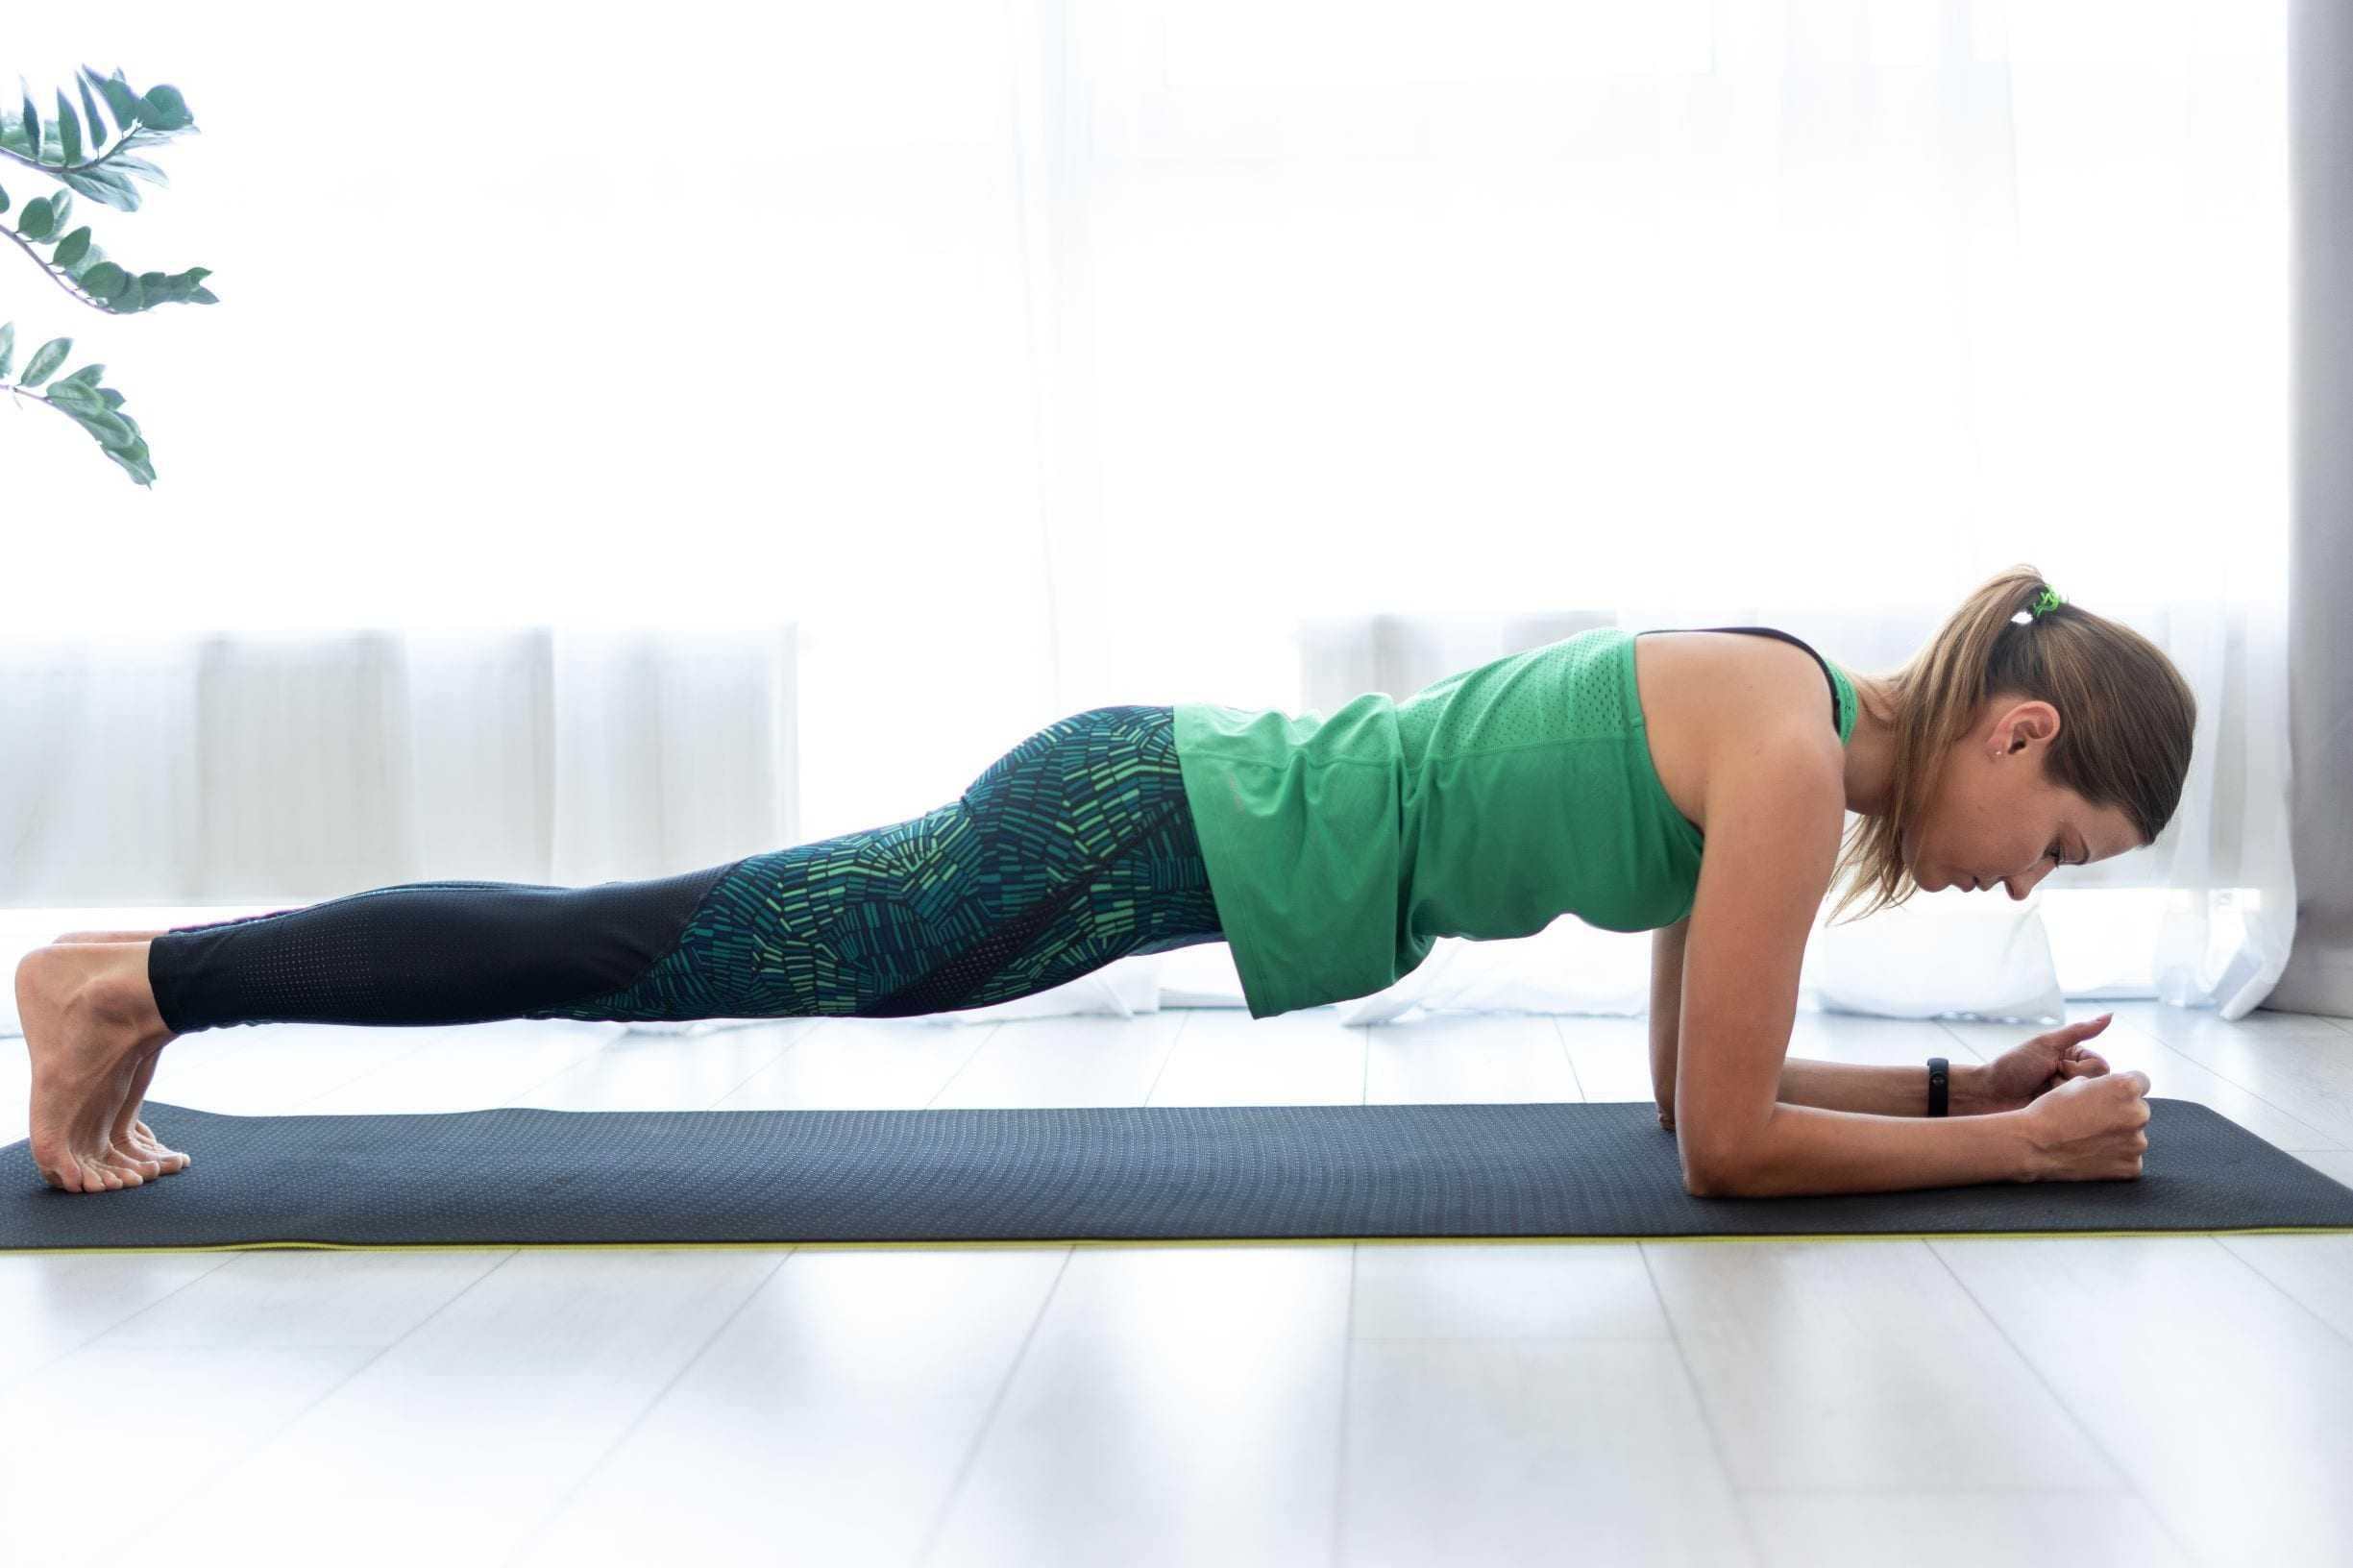 Комплекс для продолжающих, упражнения средней сложности